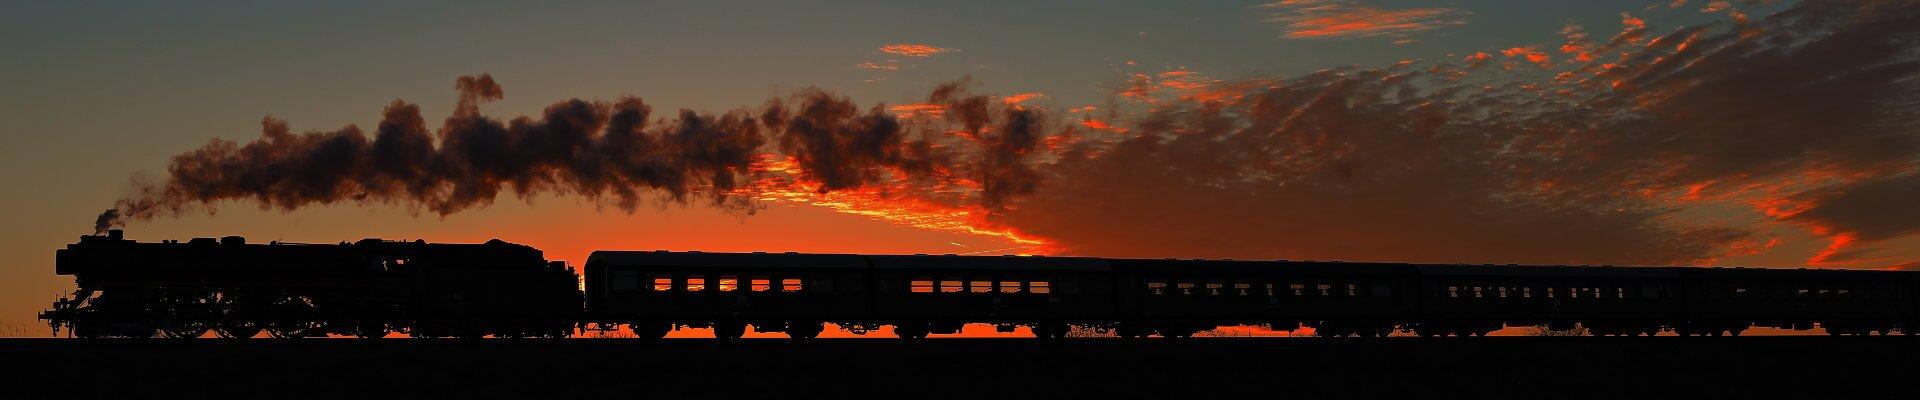 Virus Dampf - Eisenbahnfotos von Steffen Knitter-Richling